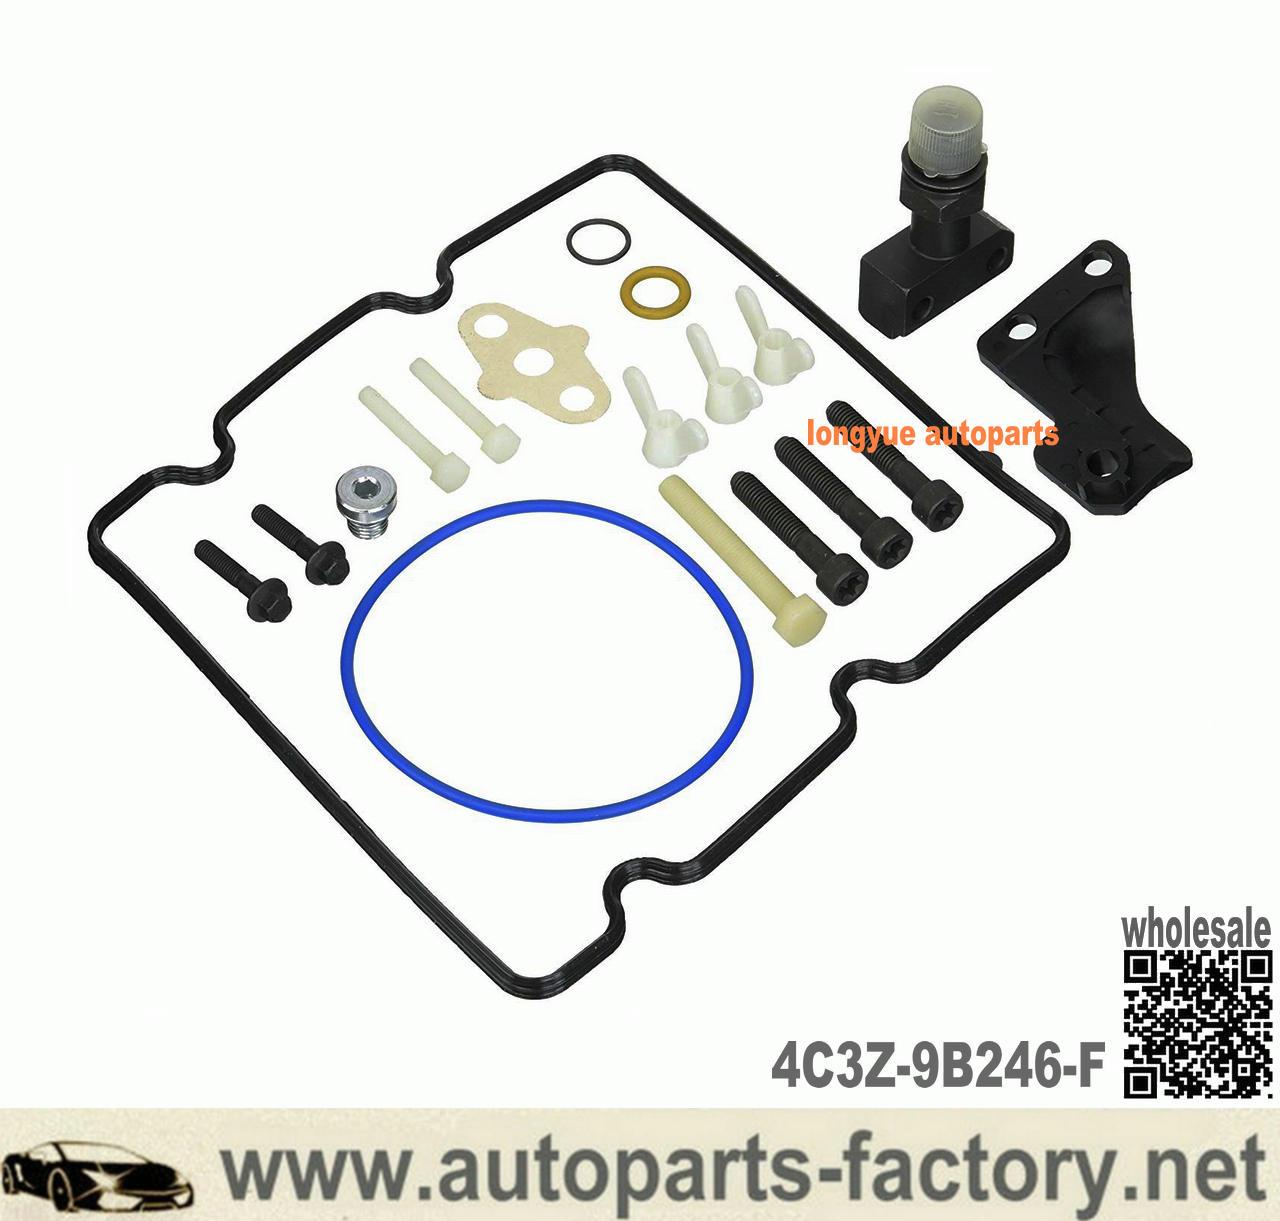 Longyue Ford 6.0l Powerstroke Diesel STC HPOP Fitting Upgrade Kit Ipr Screen 4C3Z-9B246-F / 4C3Z9B246F / 9B246 - 6.0 PSD